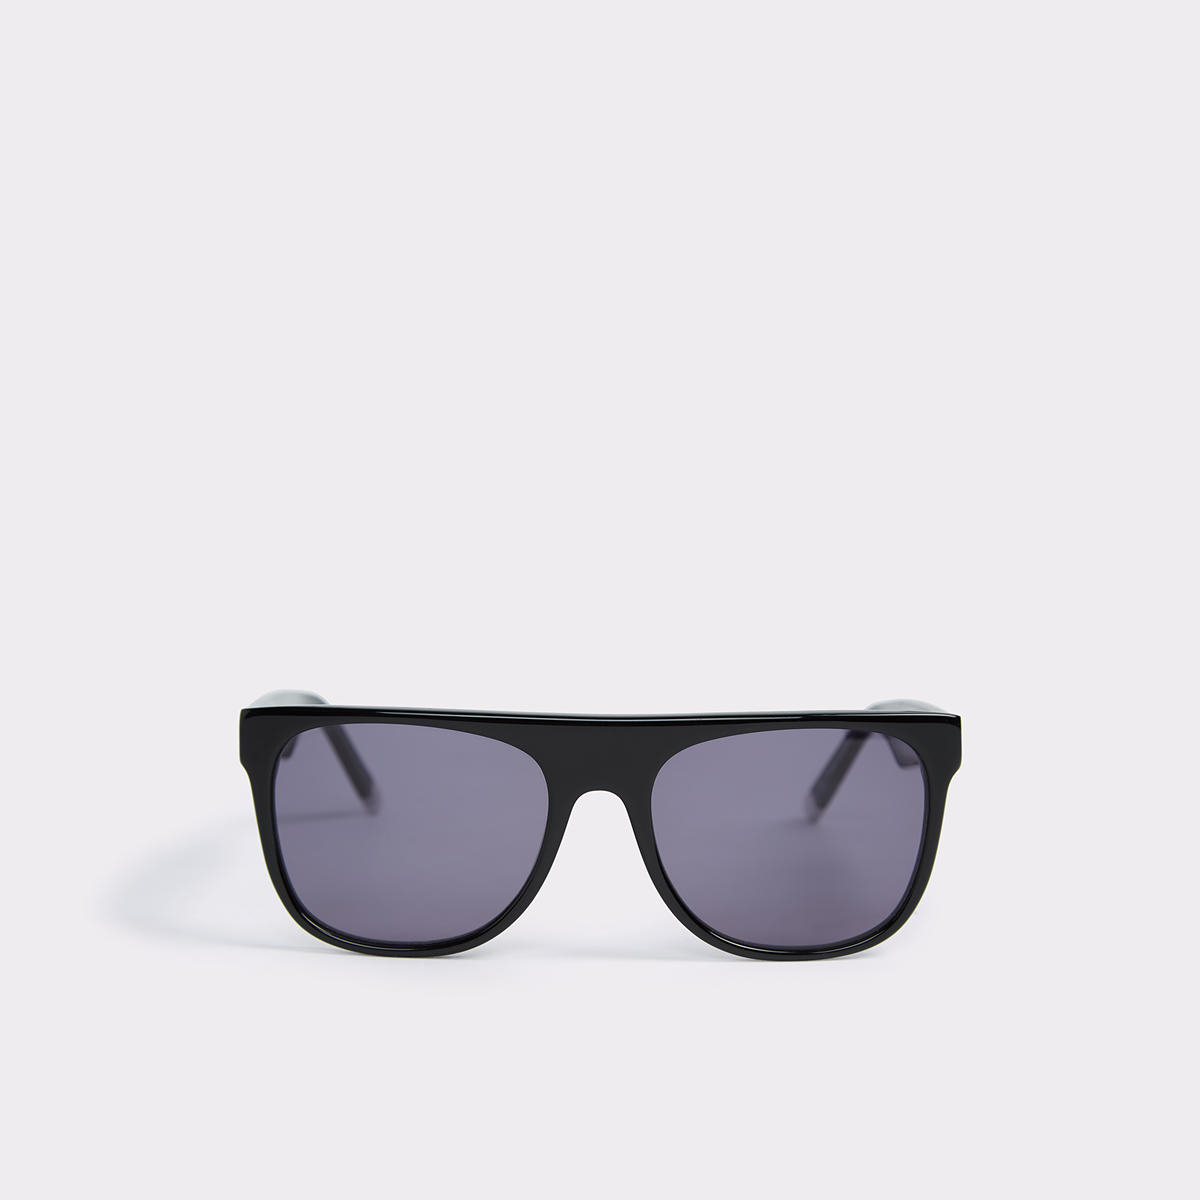 Elirevia Midnight Black Men's Signature sunglasses | ALDO US at Aldo Shoes in Victor, NY | Tuggl